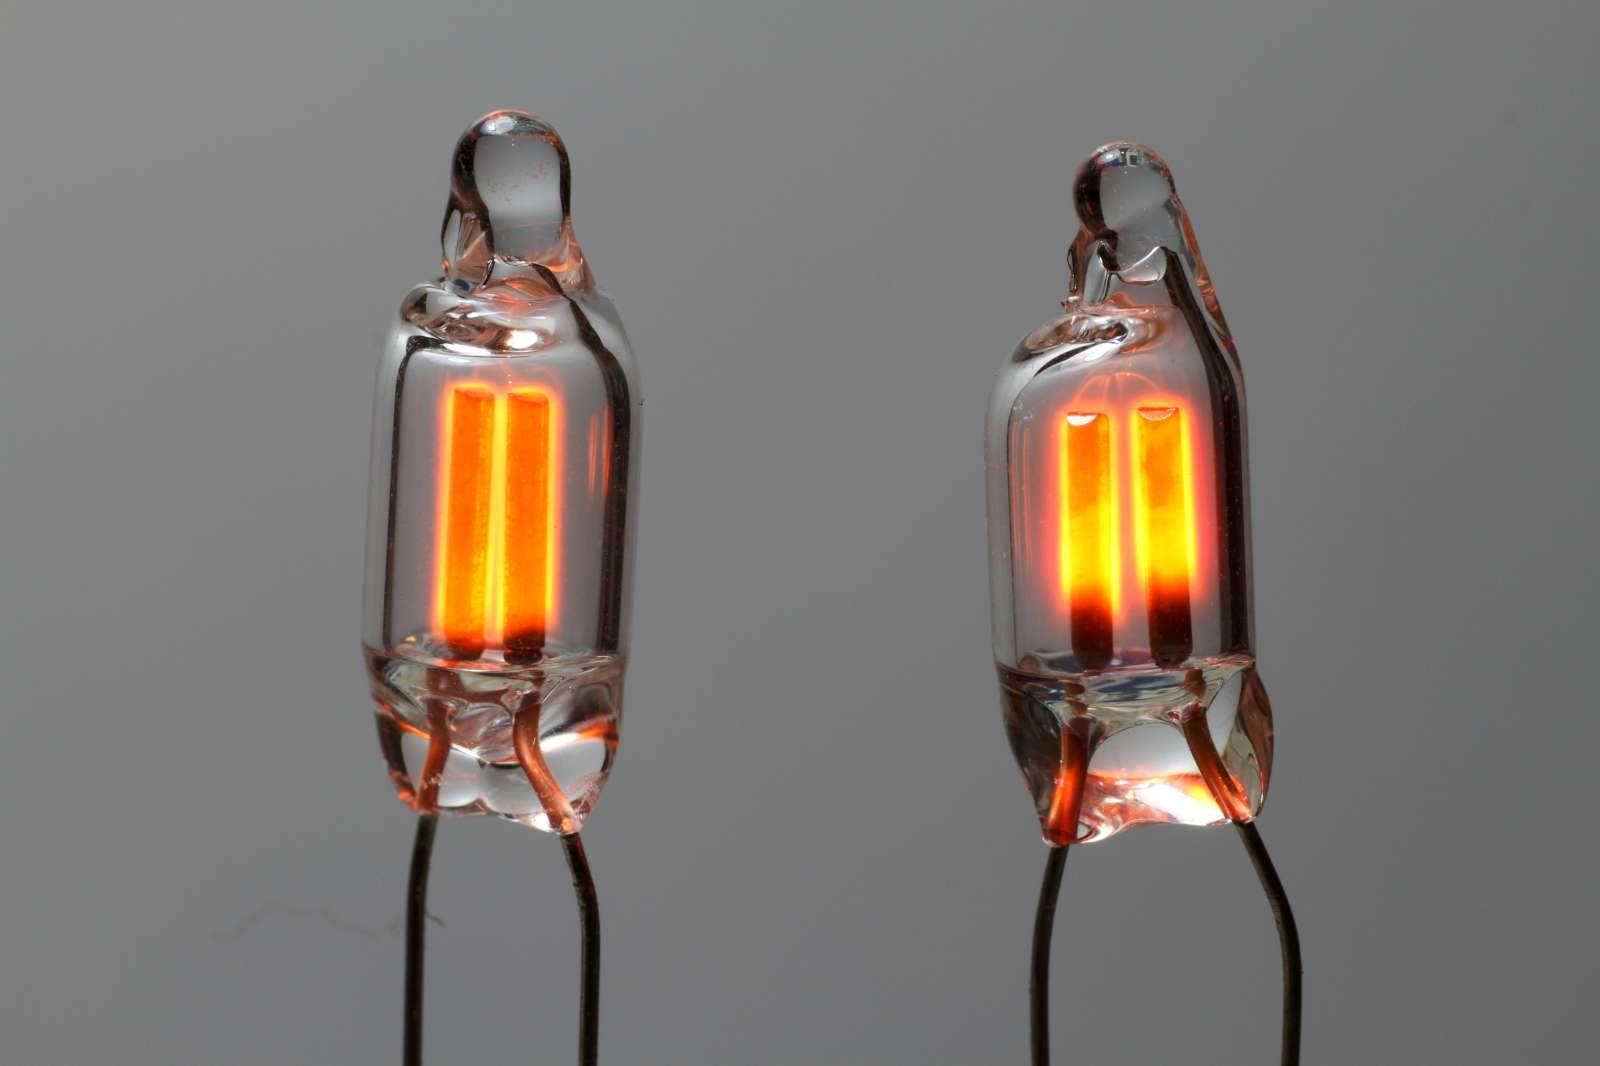 لامپ فورسنت نارنجی ممکن است جلوه جالبی ایجاد نکند